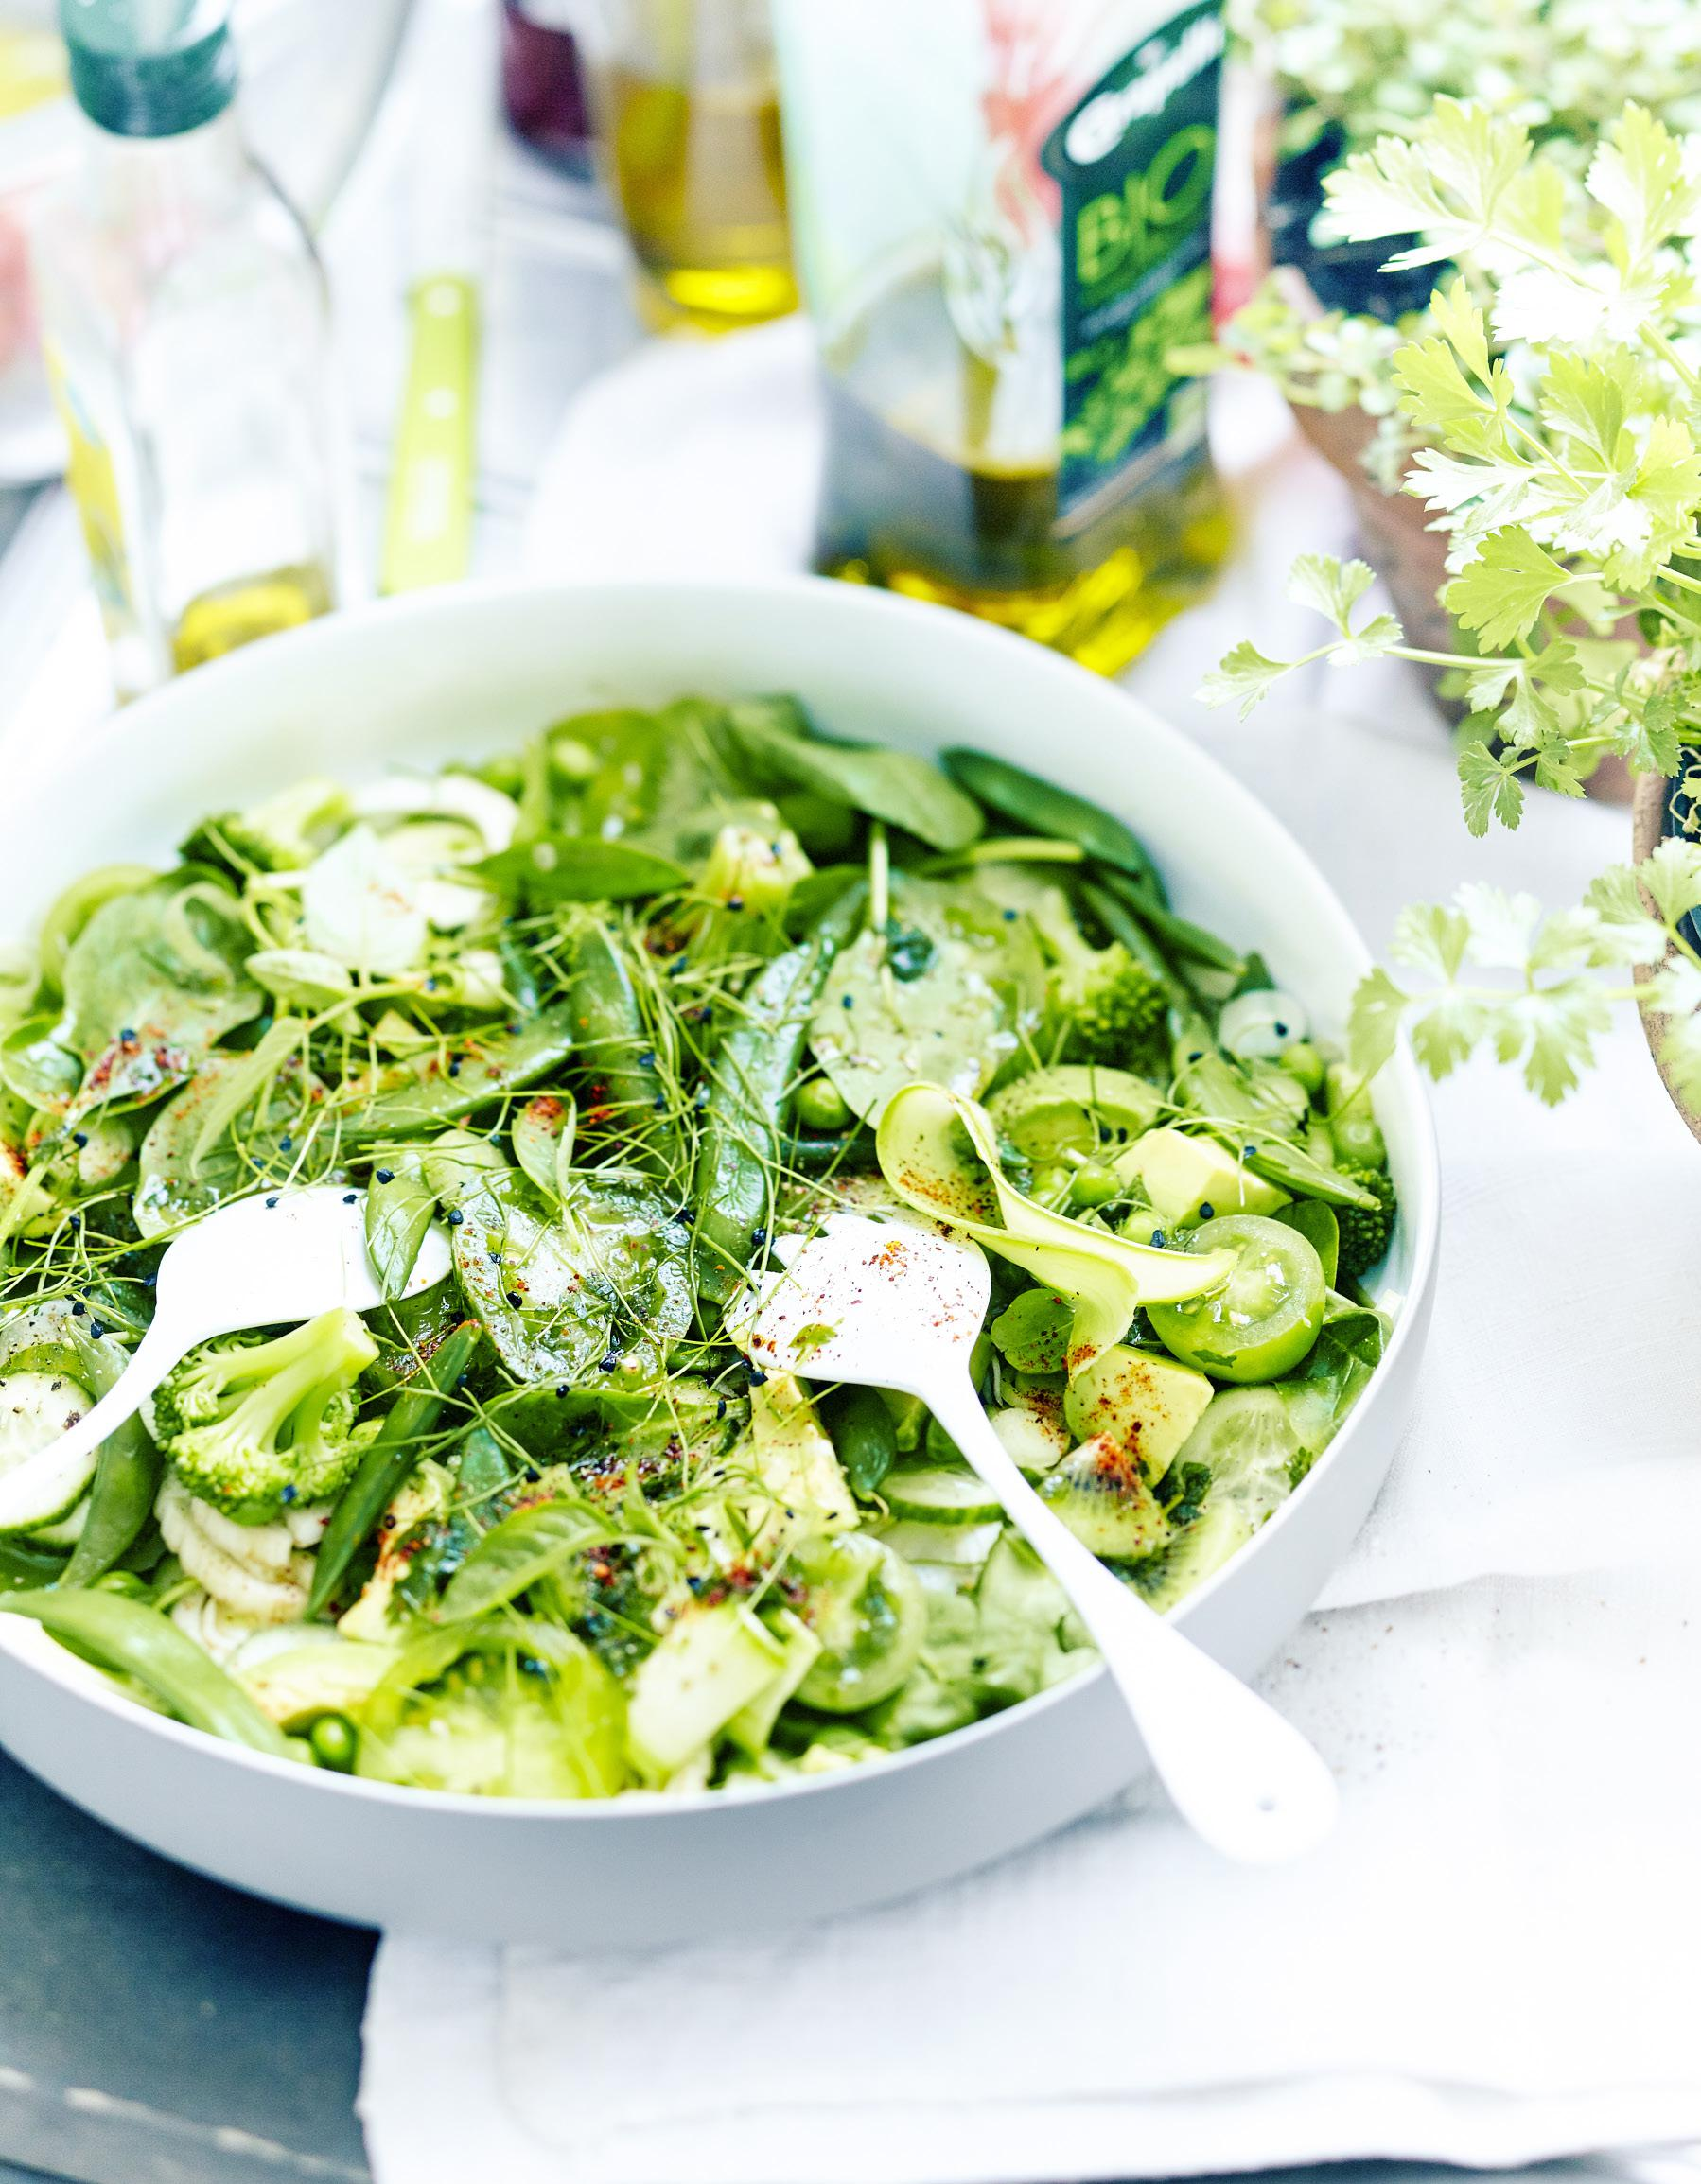 idée repas 6 personnes Green salad pour 6 personnes   Recettes Elle à Table idée repas 6 personnes